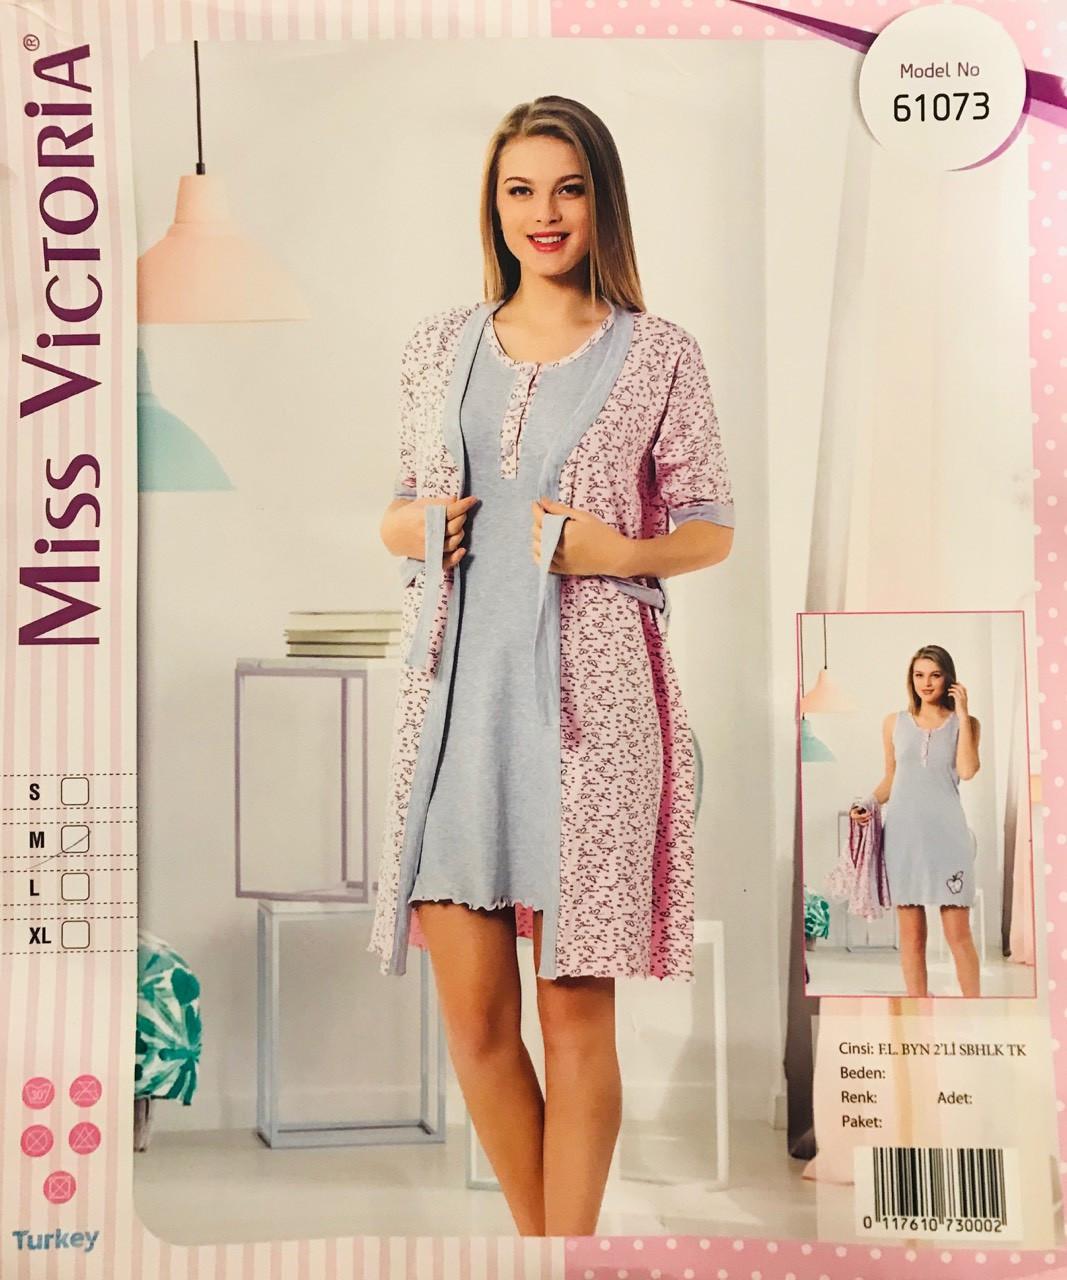 Женская пижама с халатом хлопок Miss Victoria Турция размер L(48) 61073